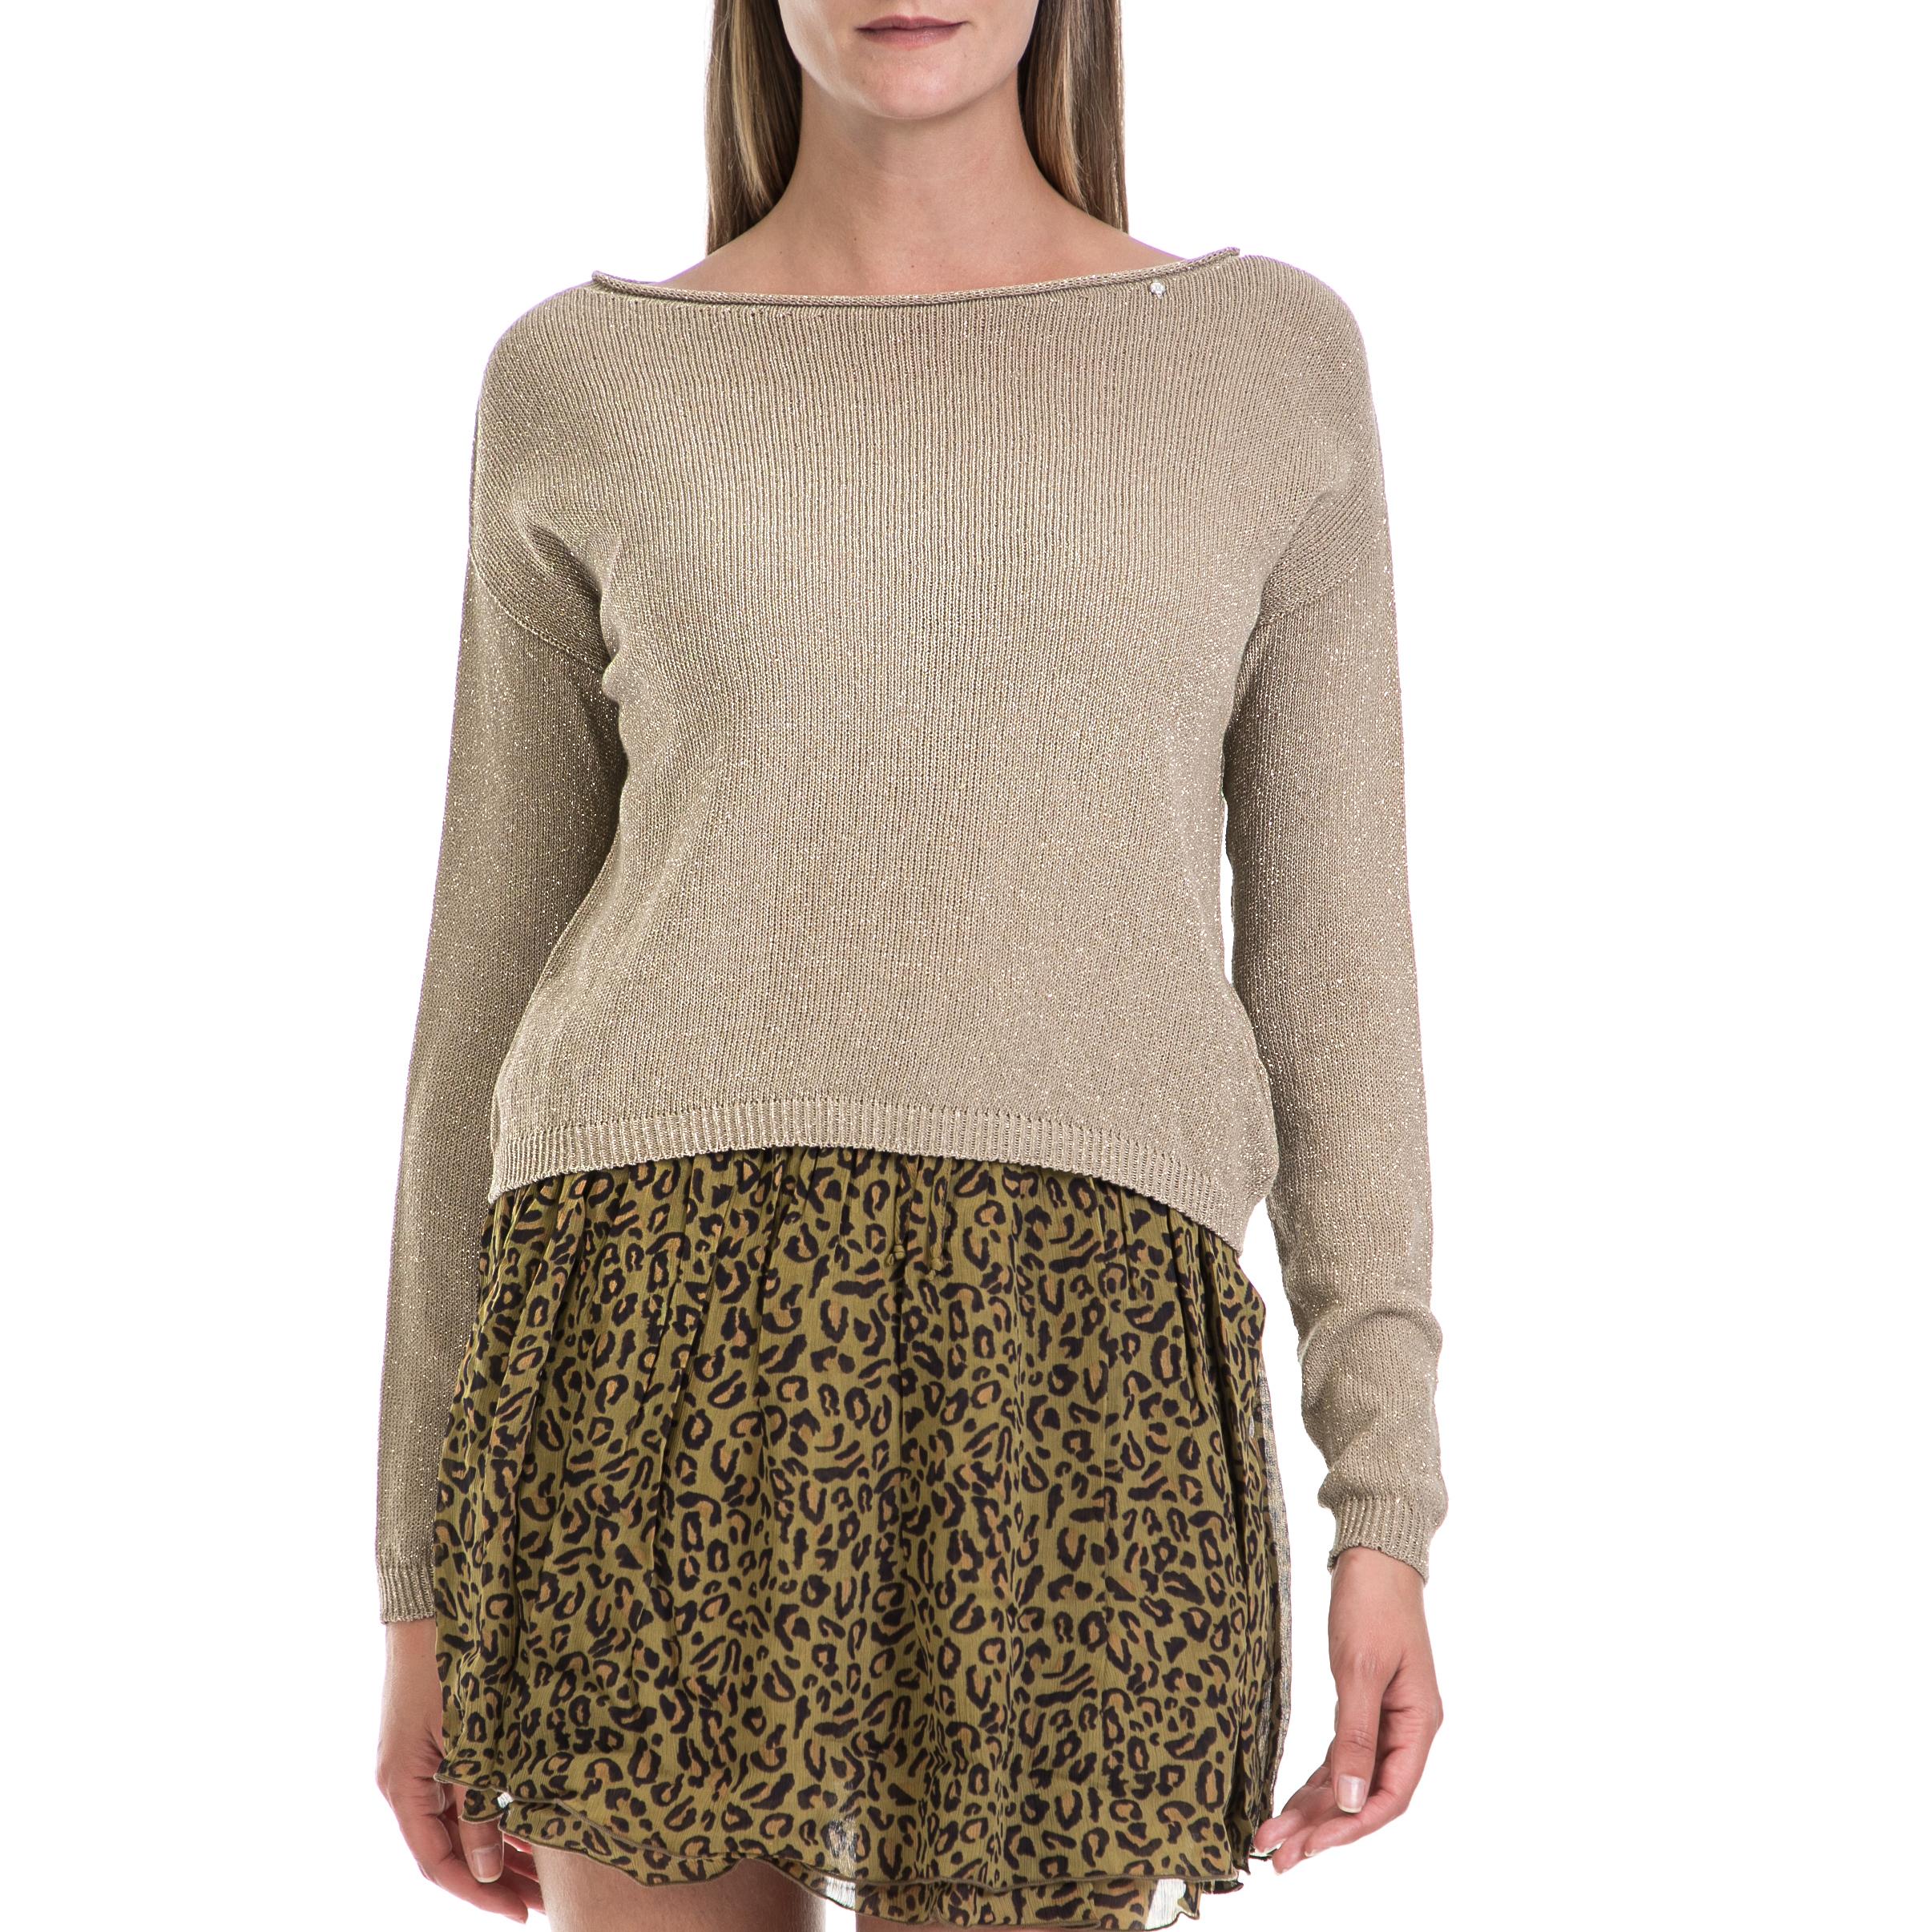 Γυναικεία   Ρούχα   Πλεκτά   Πουλόβερ   Γυναικεία μπλούζα Lalli ... 0cbe851c69a